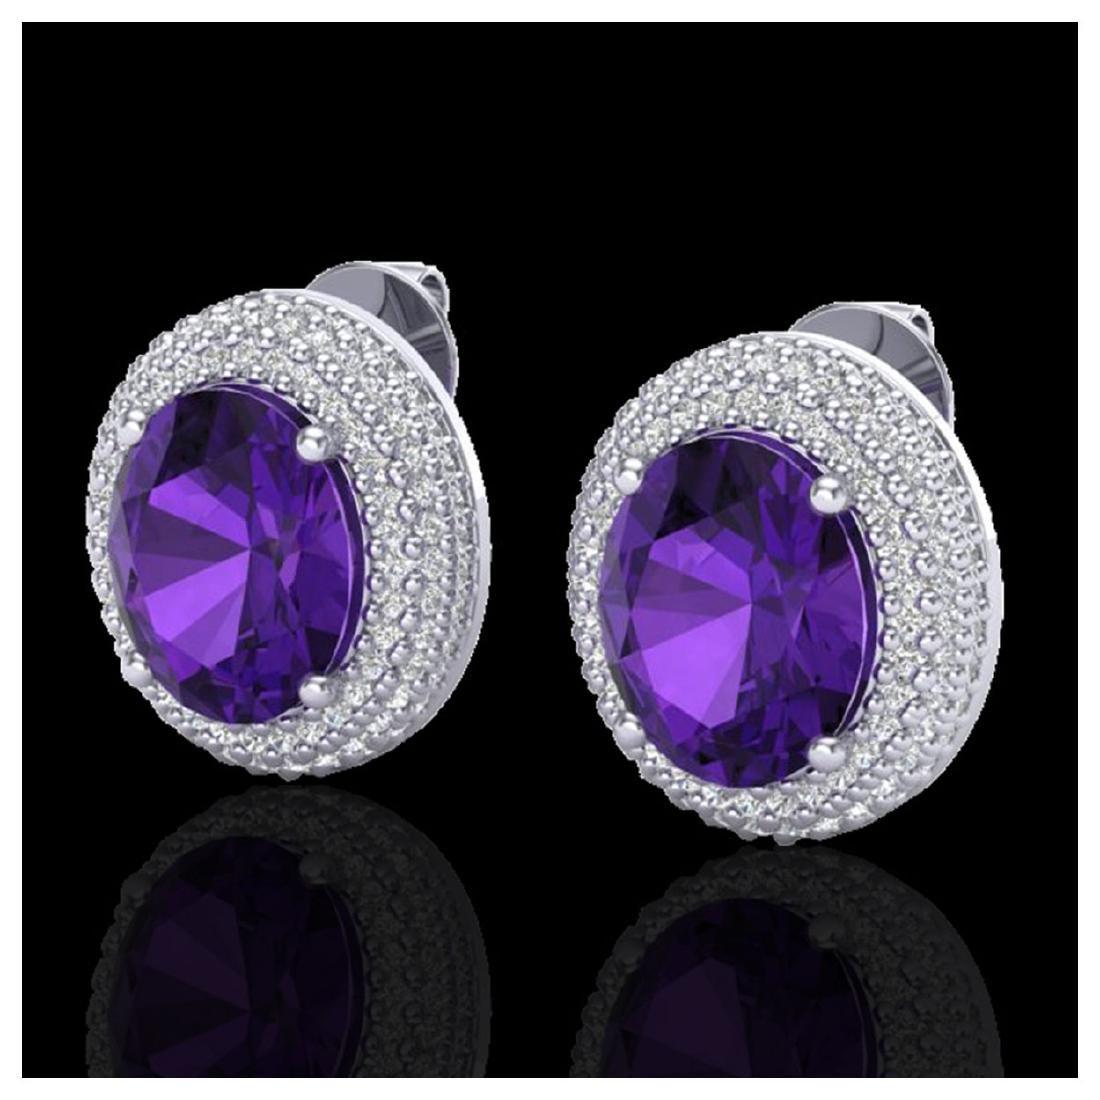 8 ctw Amethyst & VS/SI Diamond Earrings 18K White Gold